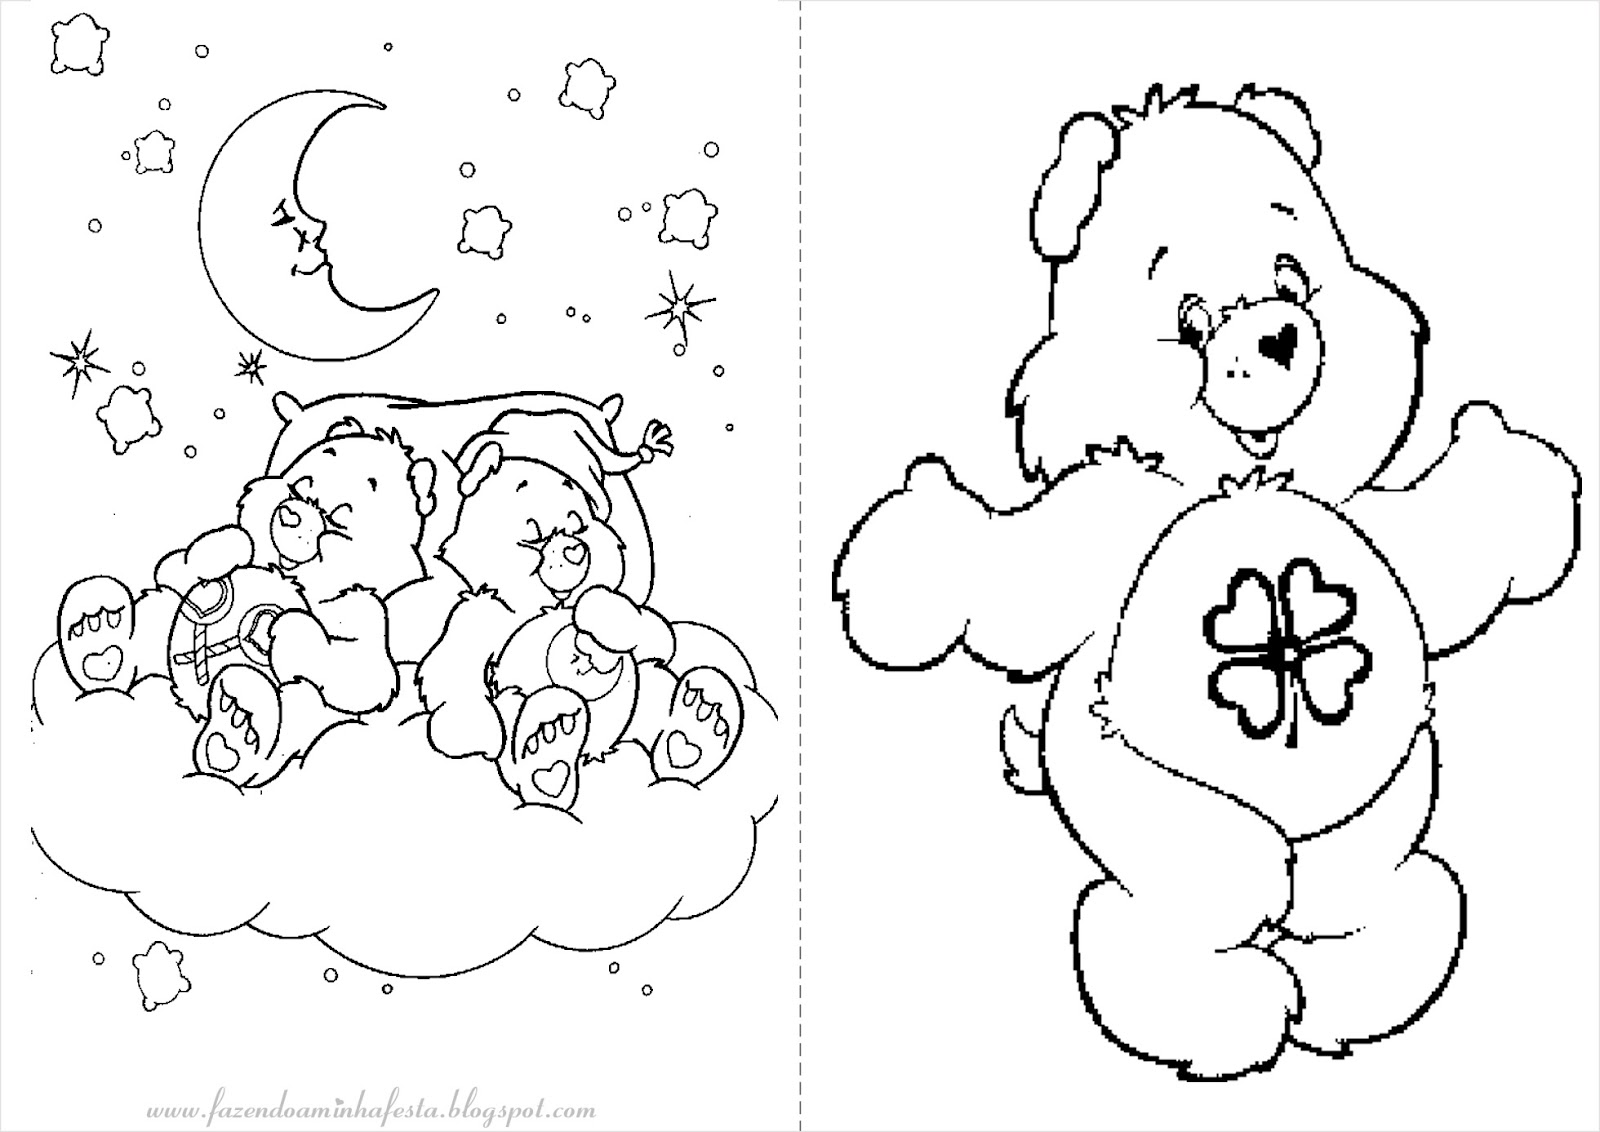 portal a&e espaco kids a&e colorir ursinhos carinhosos - imagens para colorir ursinhos carinhosos